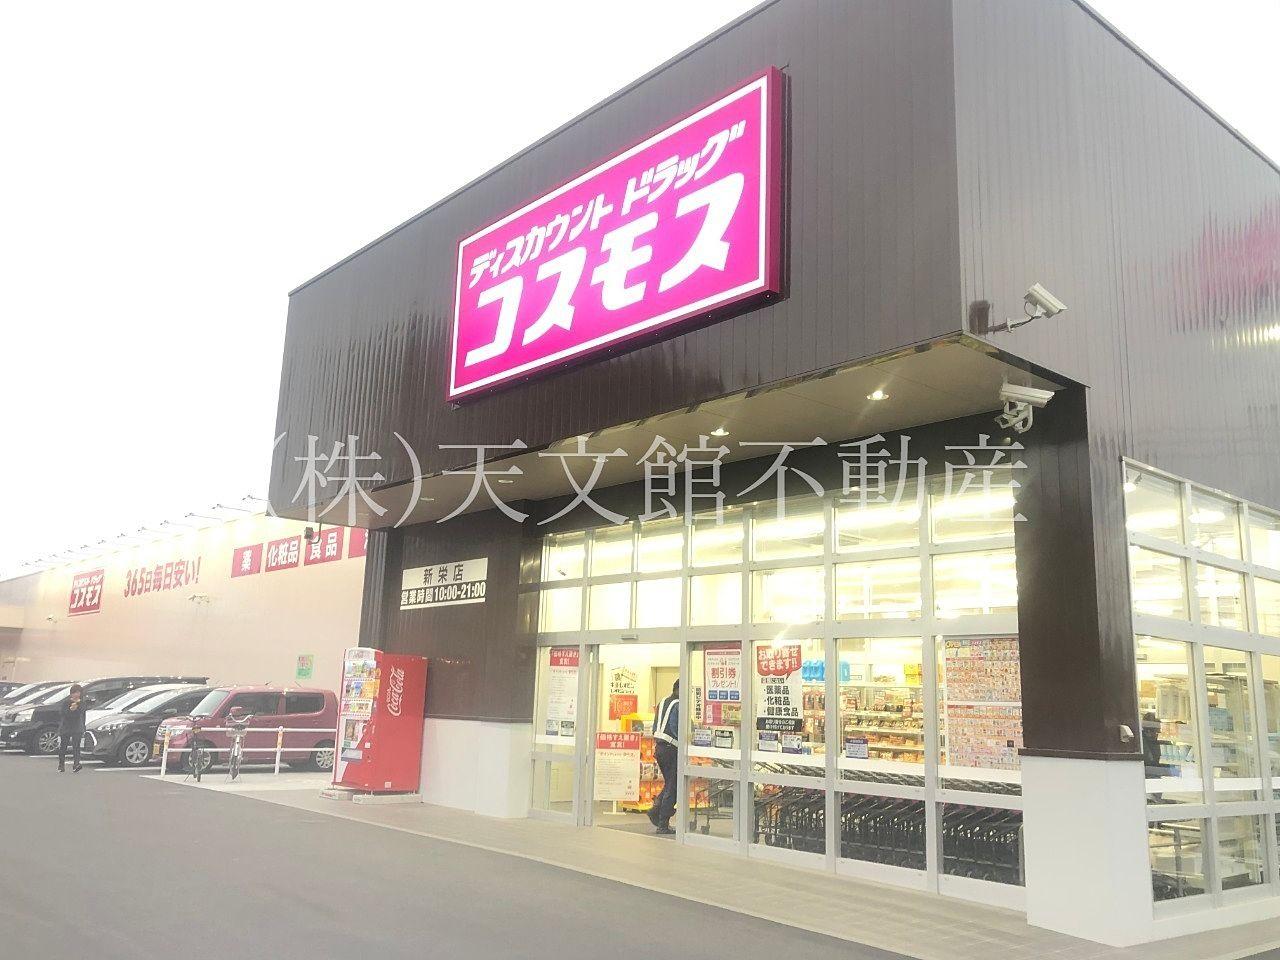 鹿児島市新栄町 コスモス新栄店 オープン 激安 安い